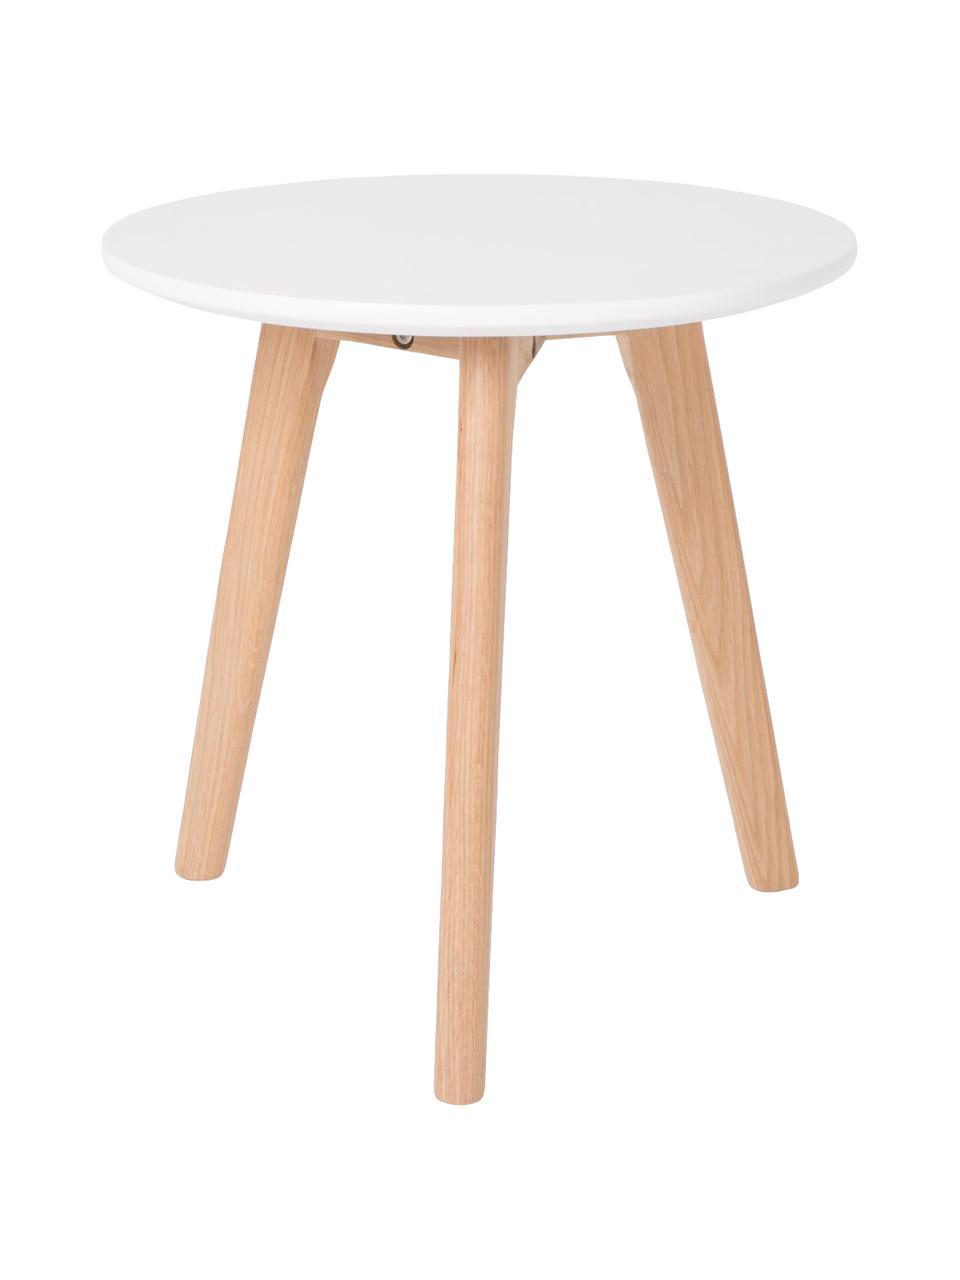 Beistelltisch-Set Bodine im Skandi Design, 2-tlg., Tischplatte: Mitteldichte Holzfaserpla, Weiß, Sondergrößen